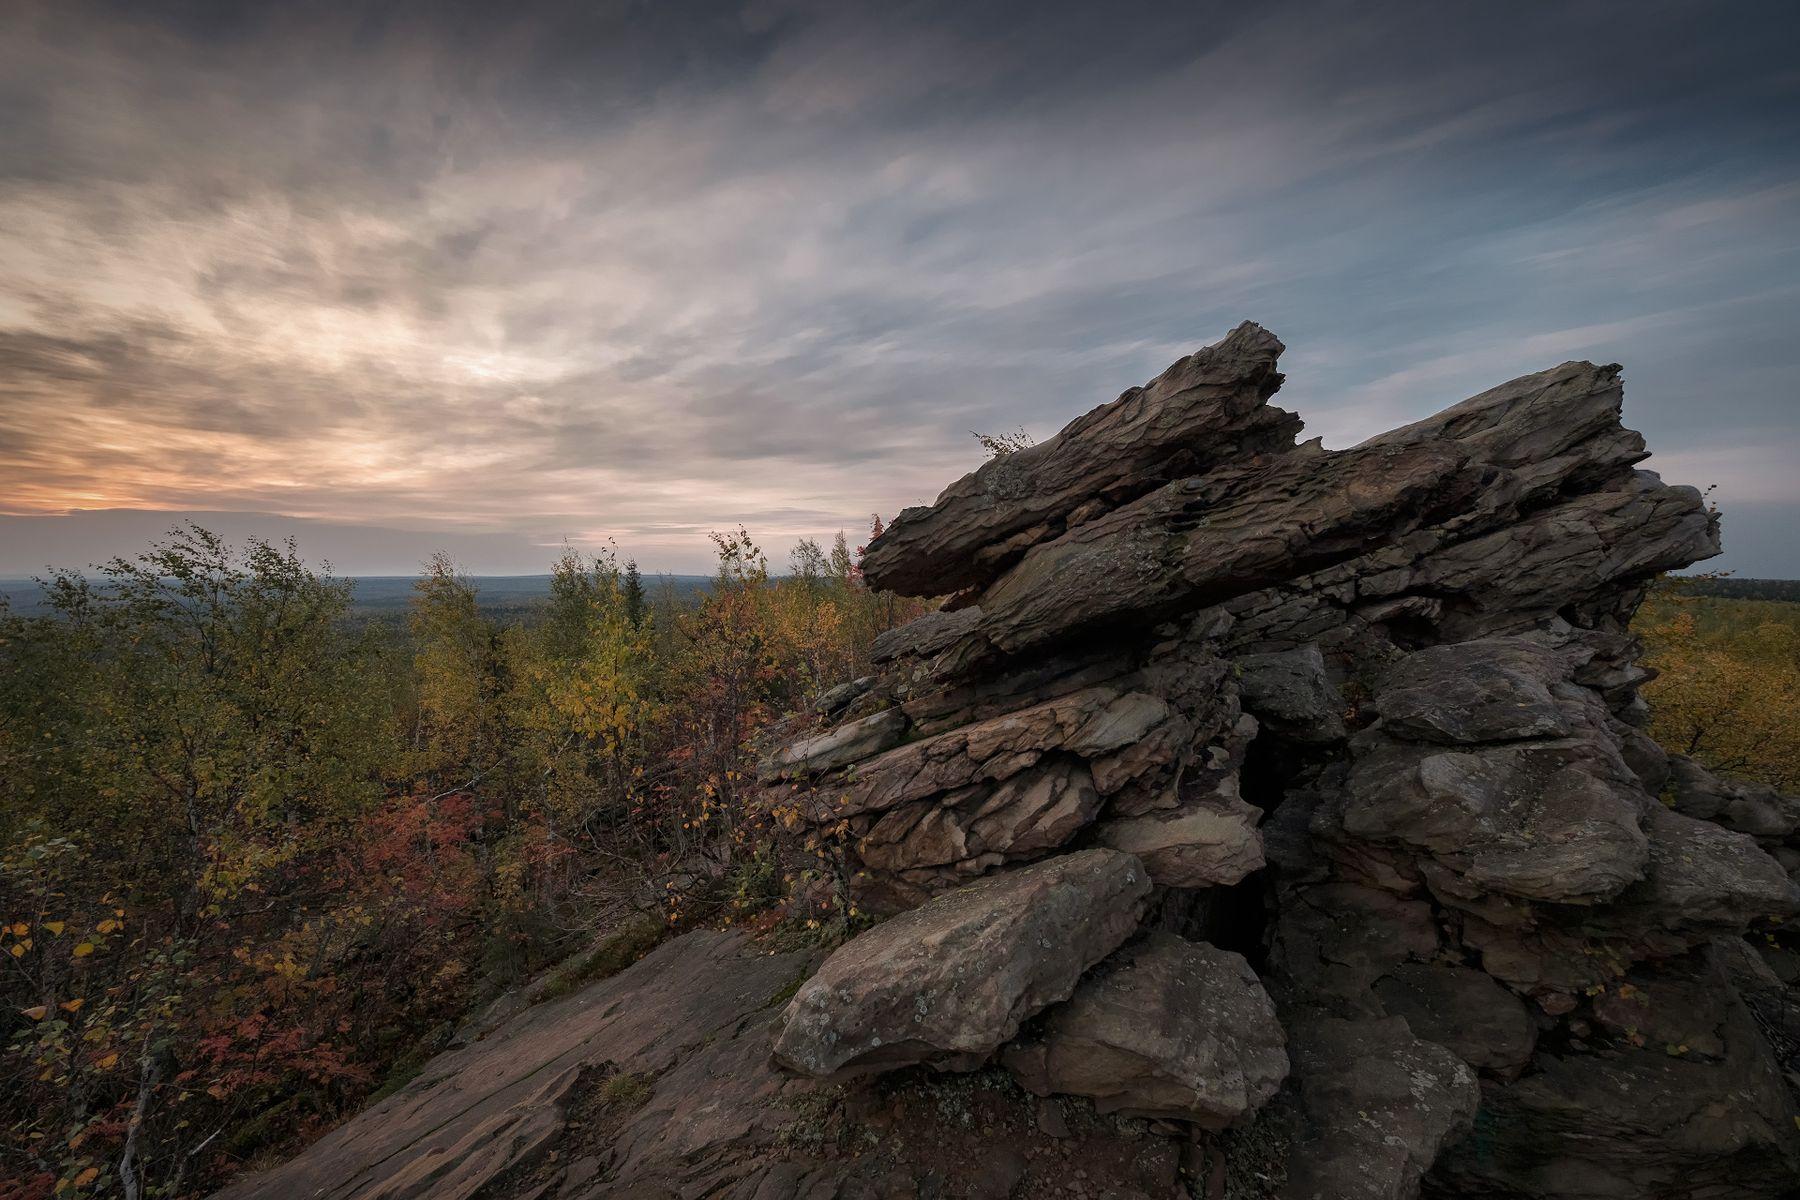 Останцы Рудянского споя рудянский спой хребет останцы утро рассвет скала деревья сентябрь осень небо облака